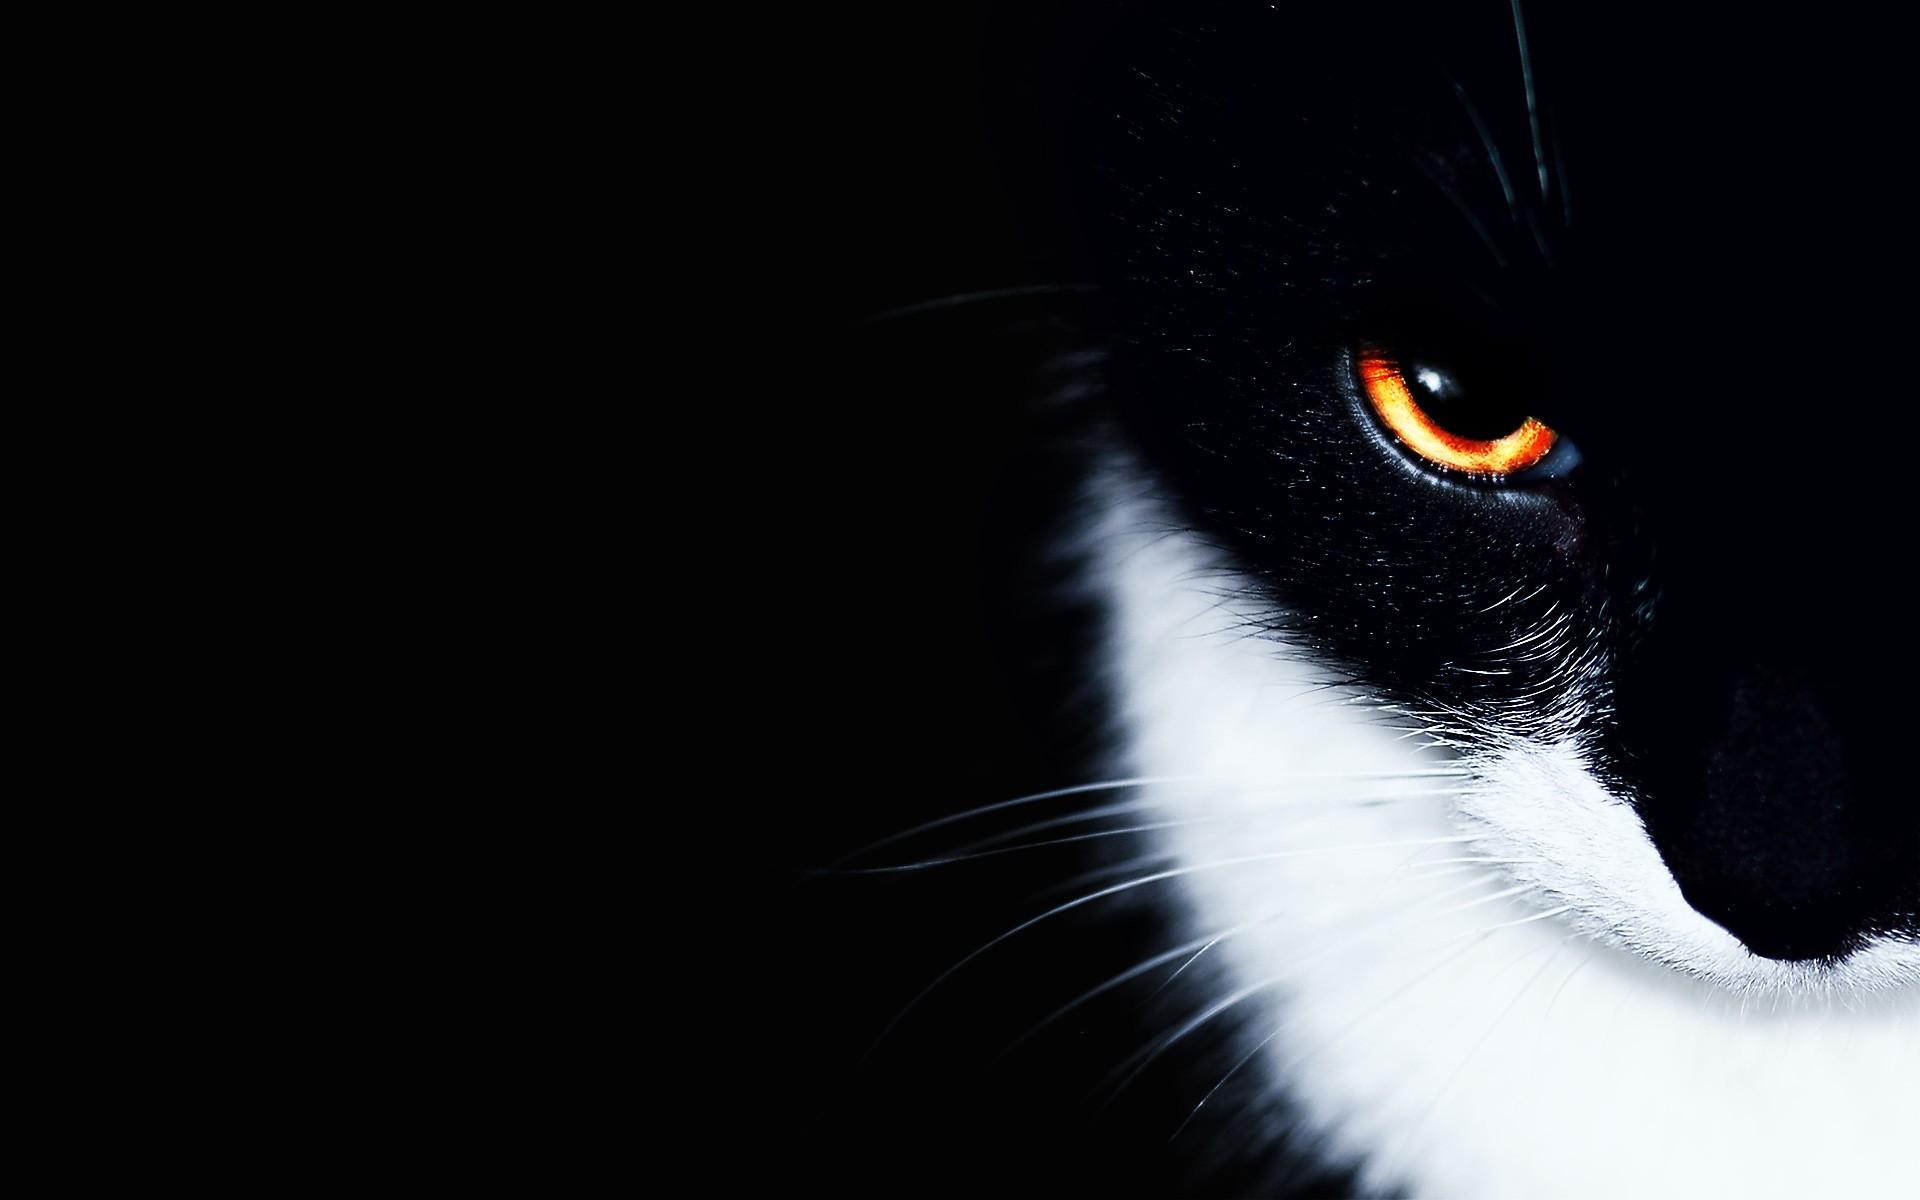 обои на рабочий стол черные кошки на черном фоне № 154866  скачать